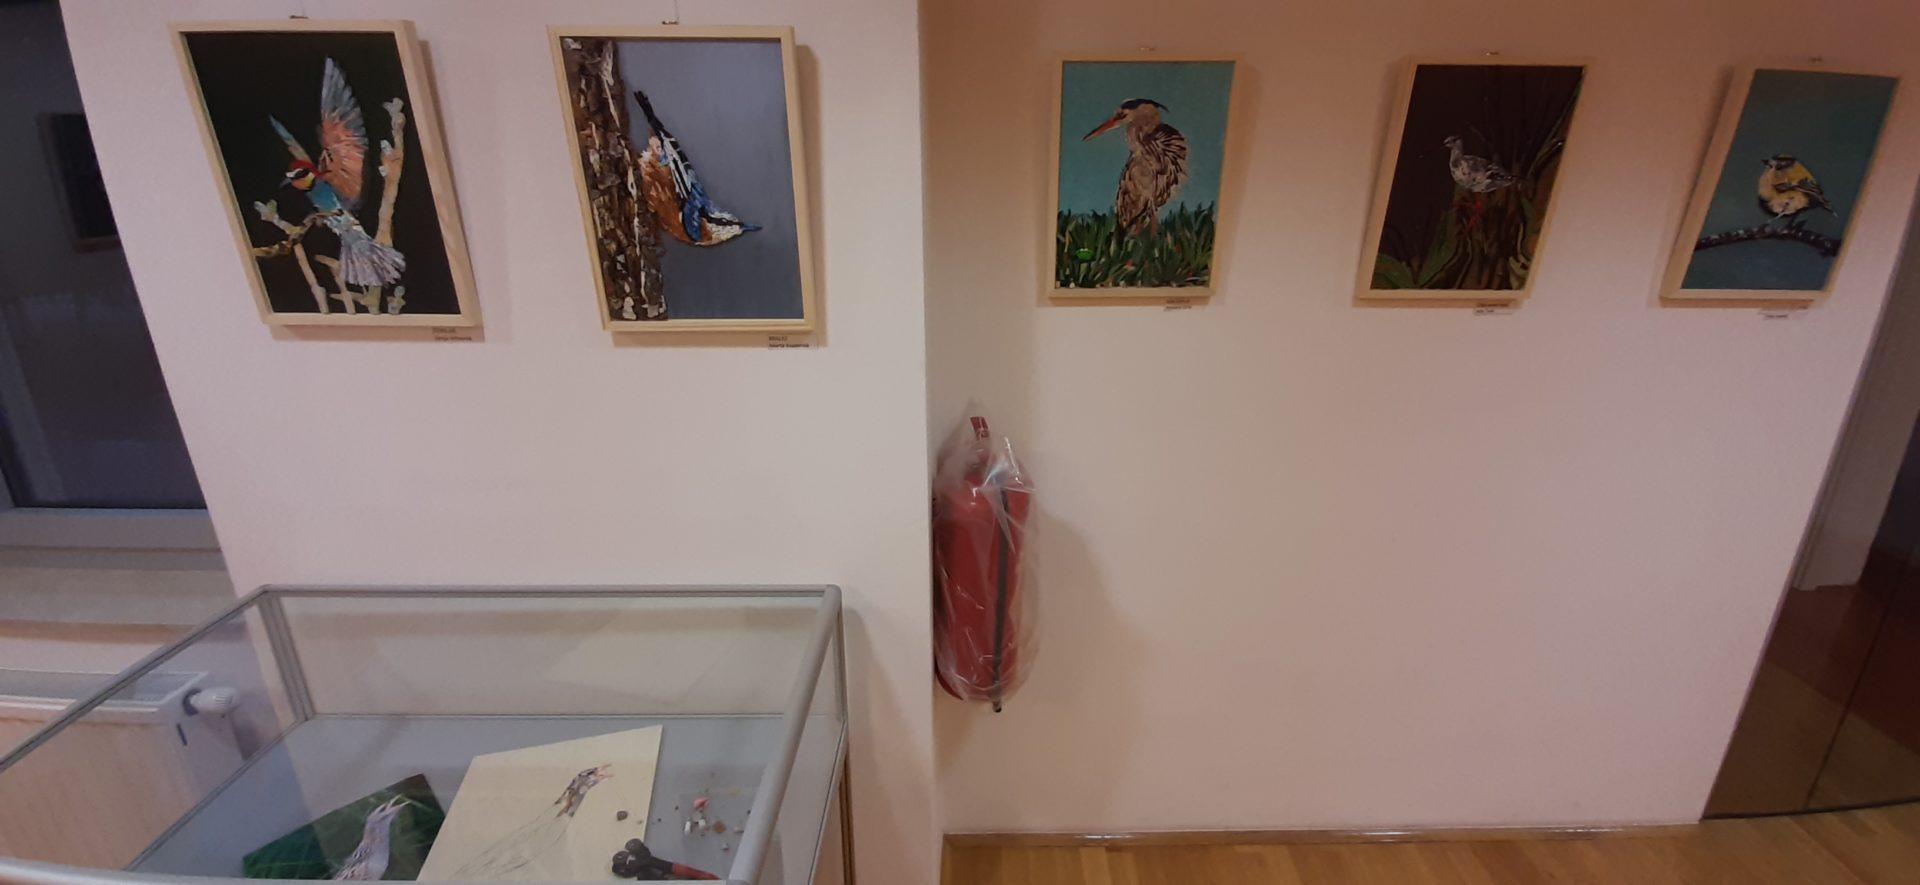 20200918 191825 - Ptice naših krajev – razstava sekcije Mozaik KD Rak Rakek